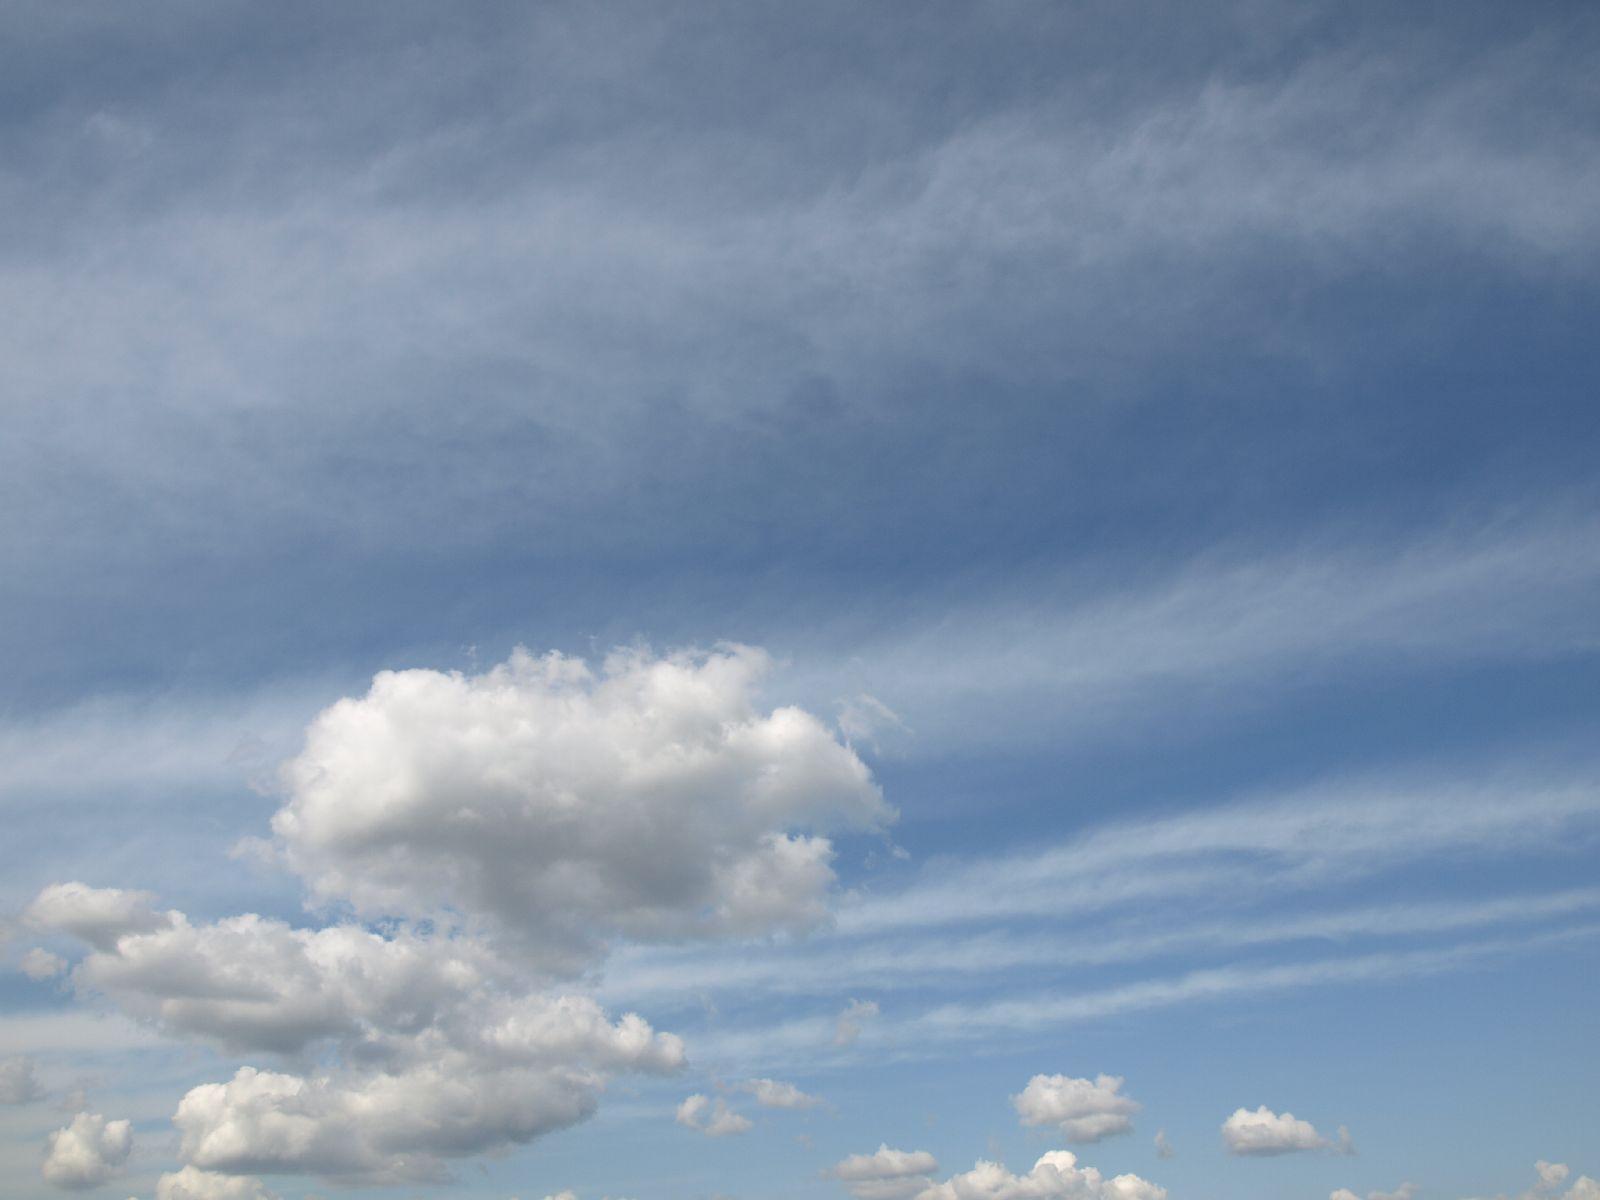 Himmel-Wolken-Foto_Textur_A_P4241793